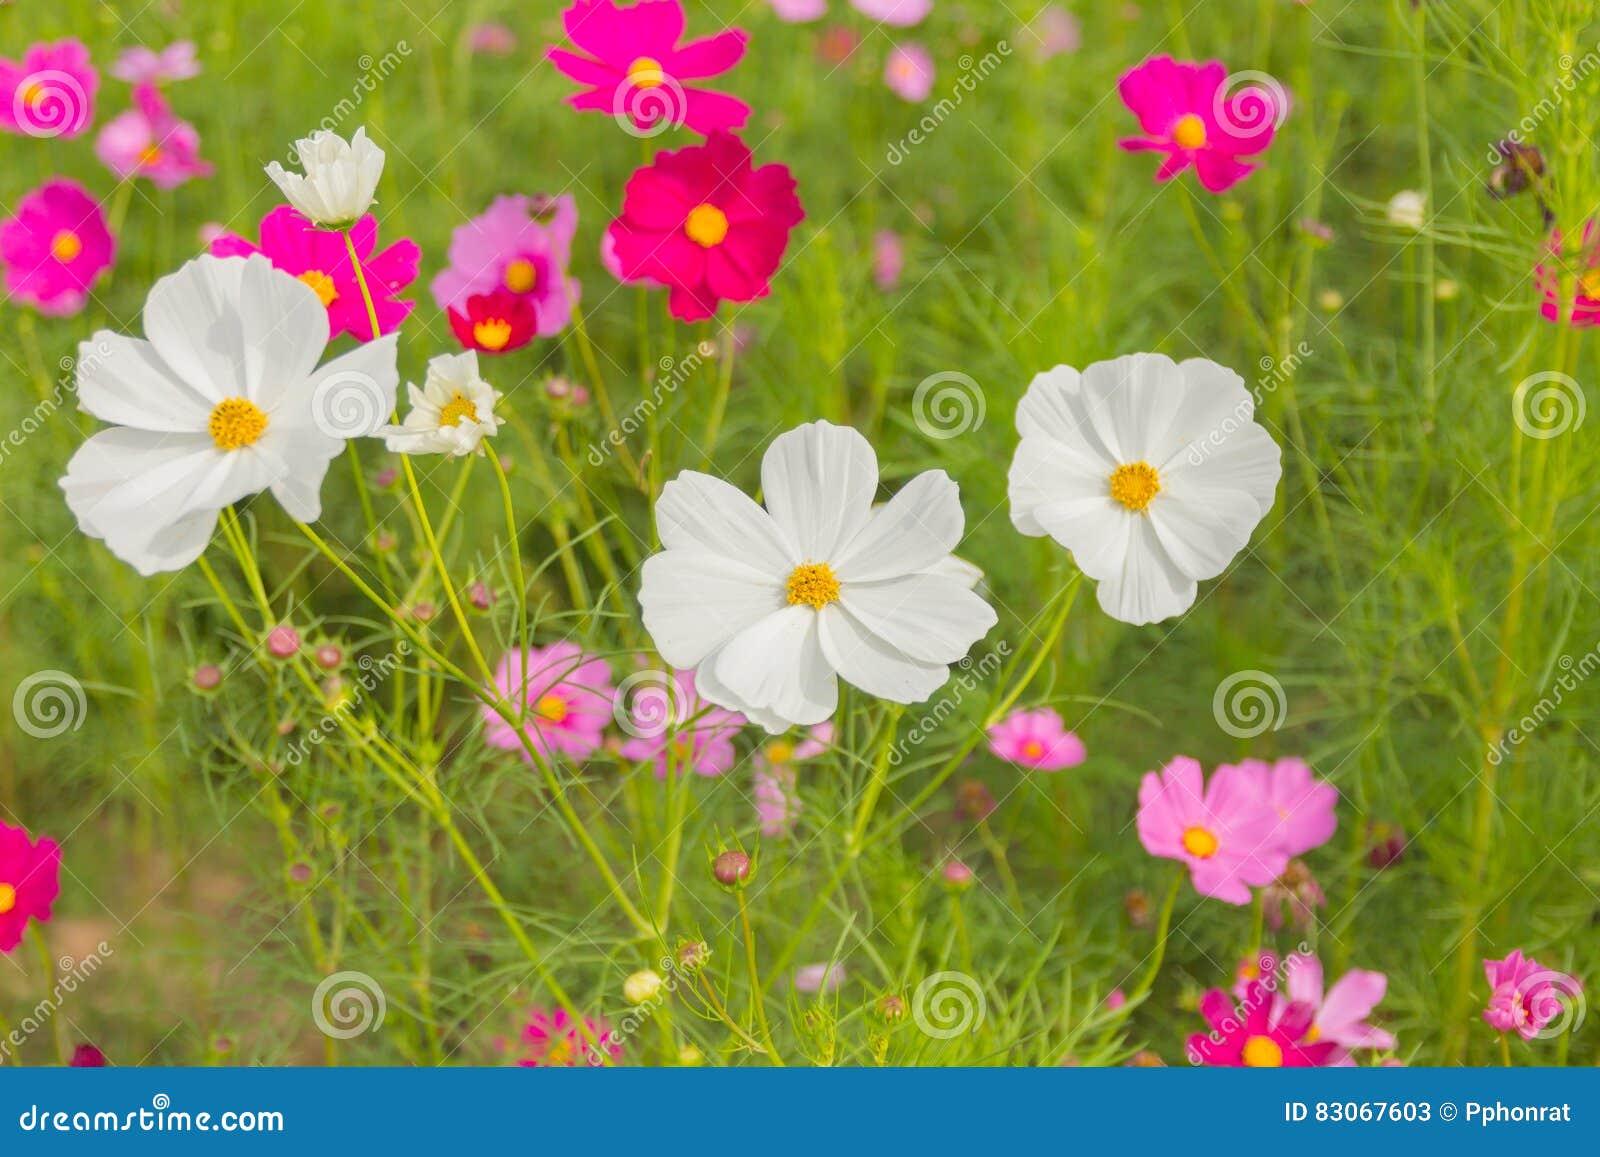 Jardin De Fleurs Blanc Et Rouge Rose De Cosmos, Trouble Au ...